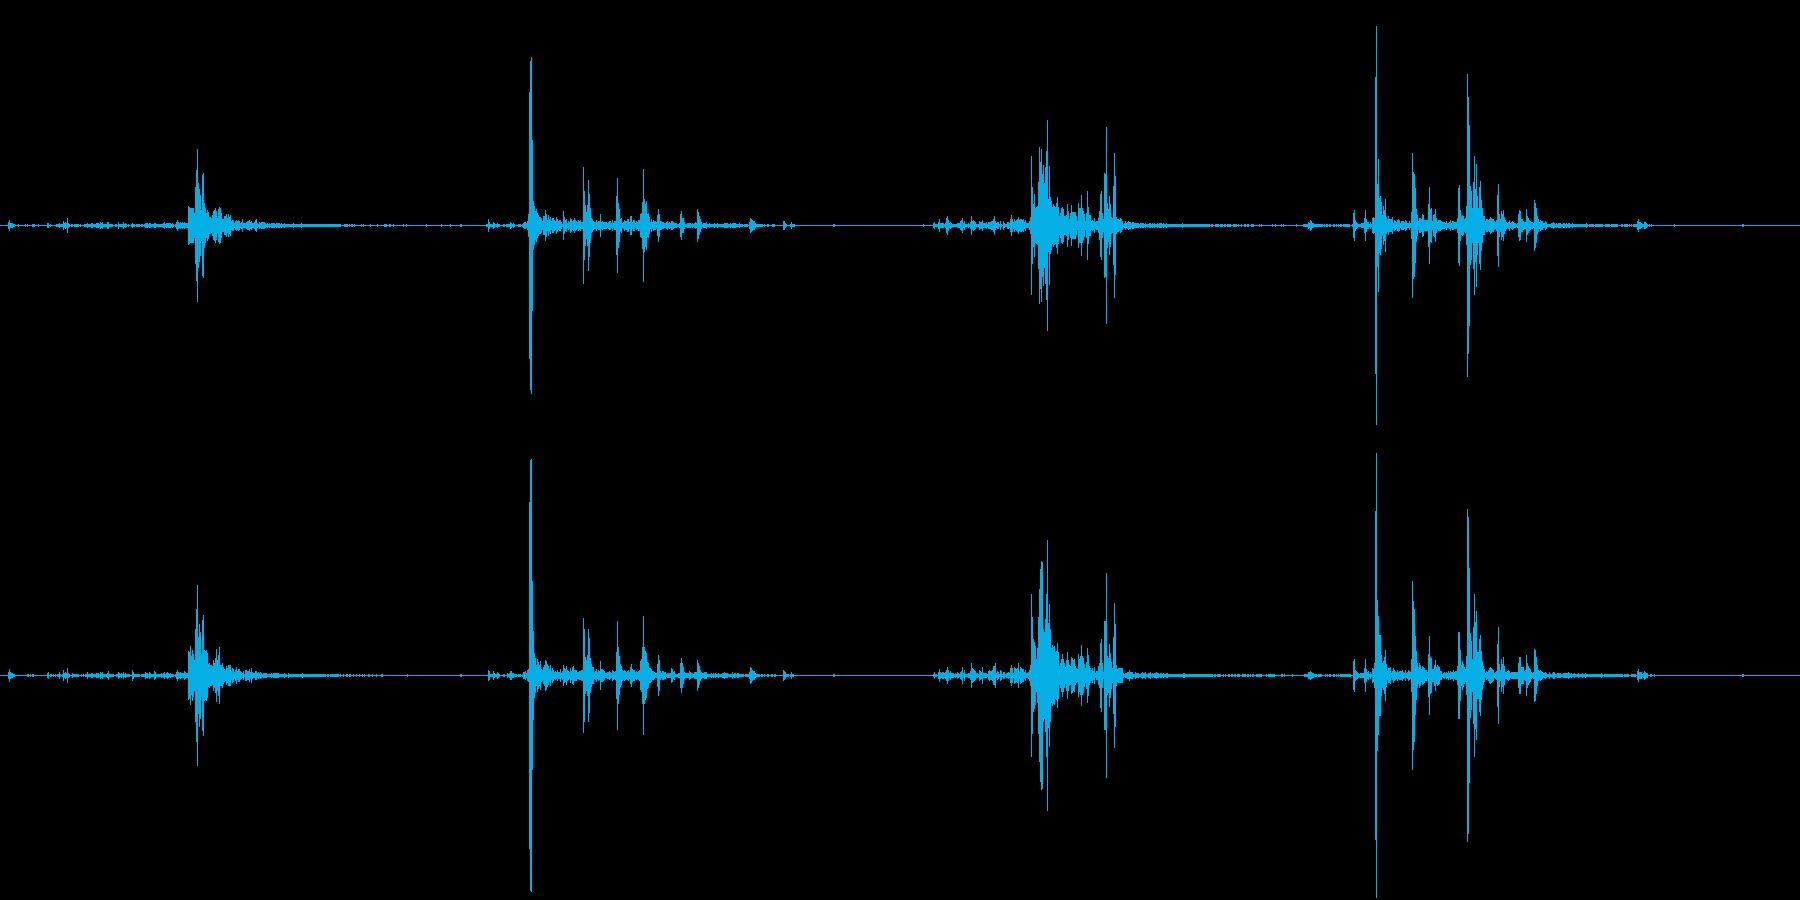 【生録音】何かを洗う音 2 石鹸 泡の再生済みの波形